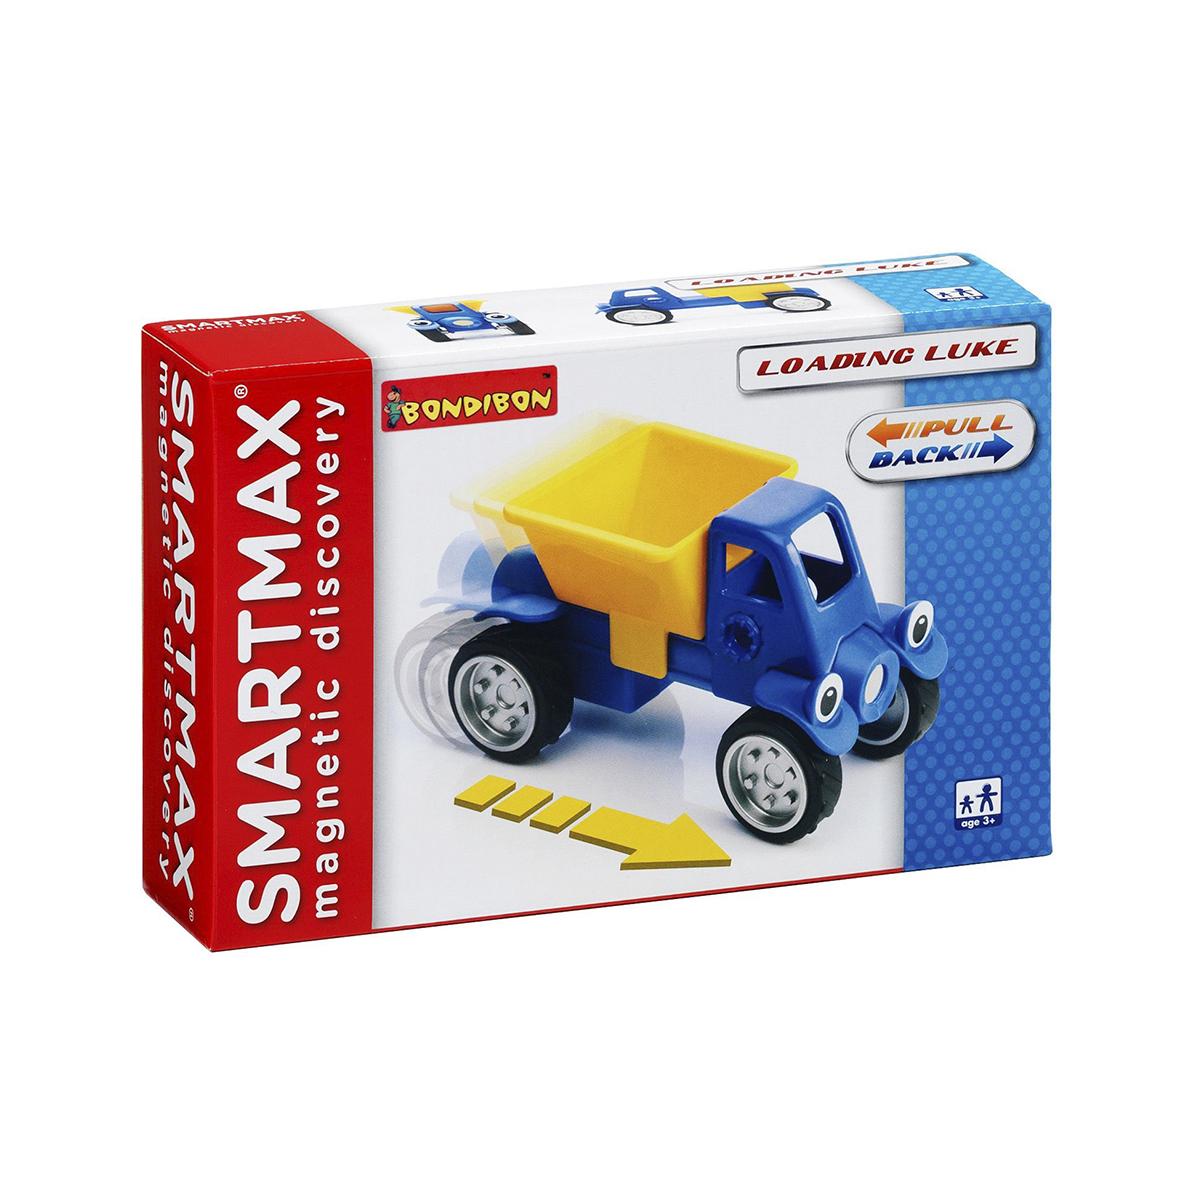 Bondibon Конструктор магнитный Smartmax Грузовичок Люк